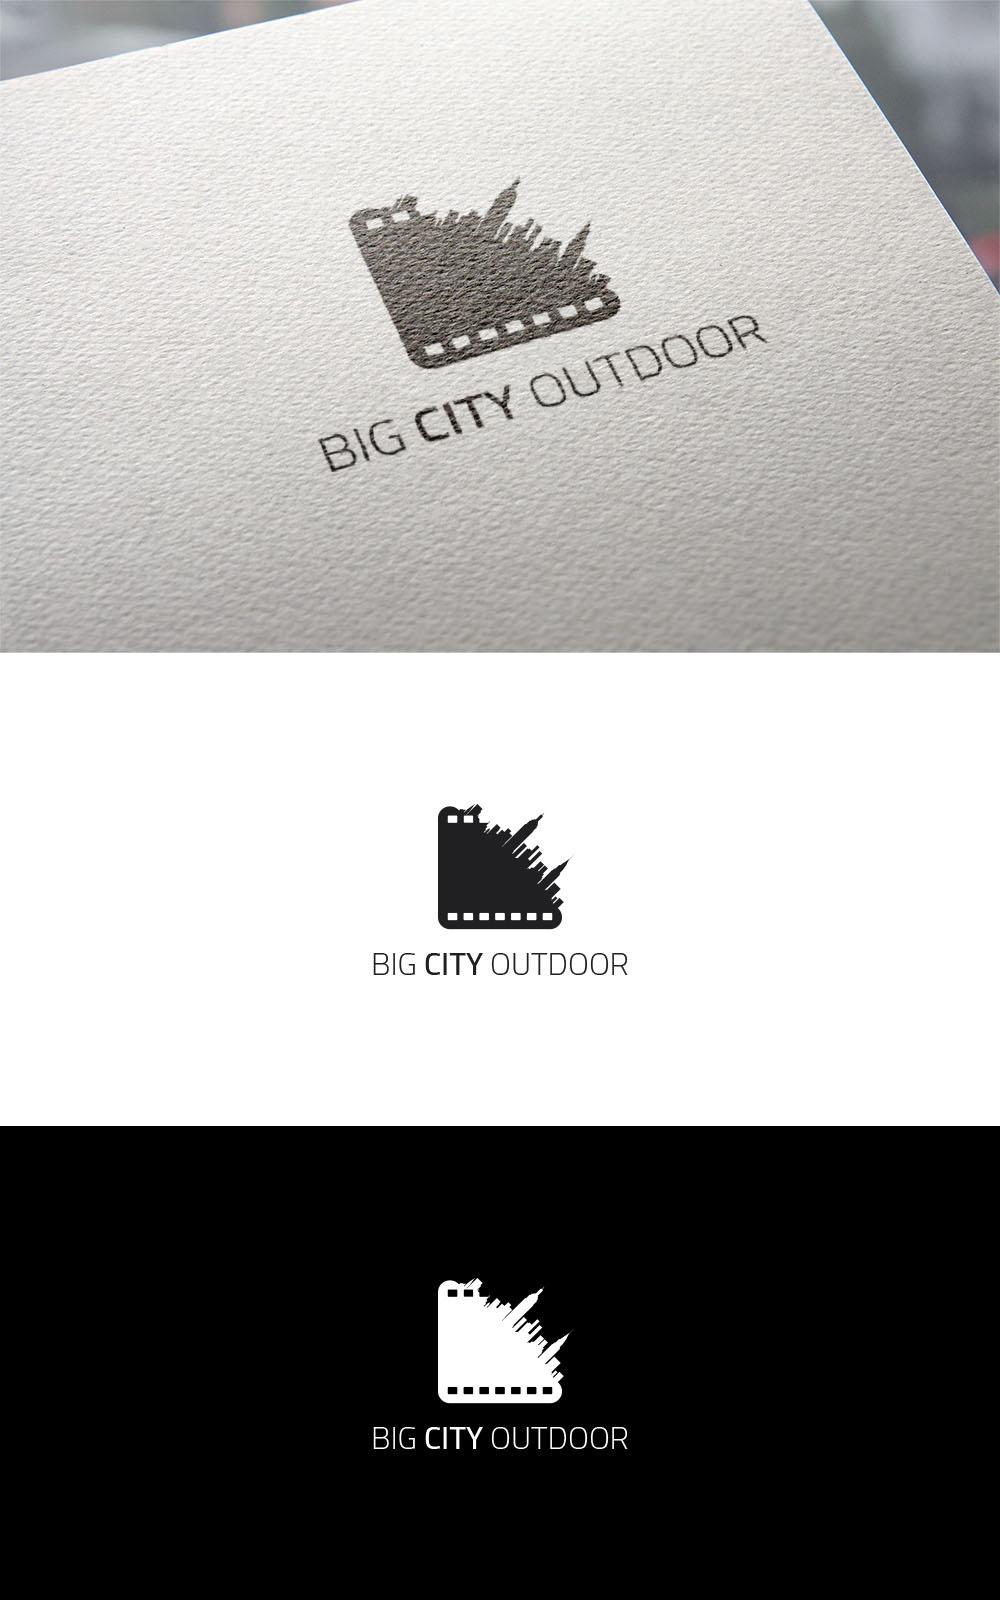 BigCityOutdoor_content_01